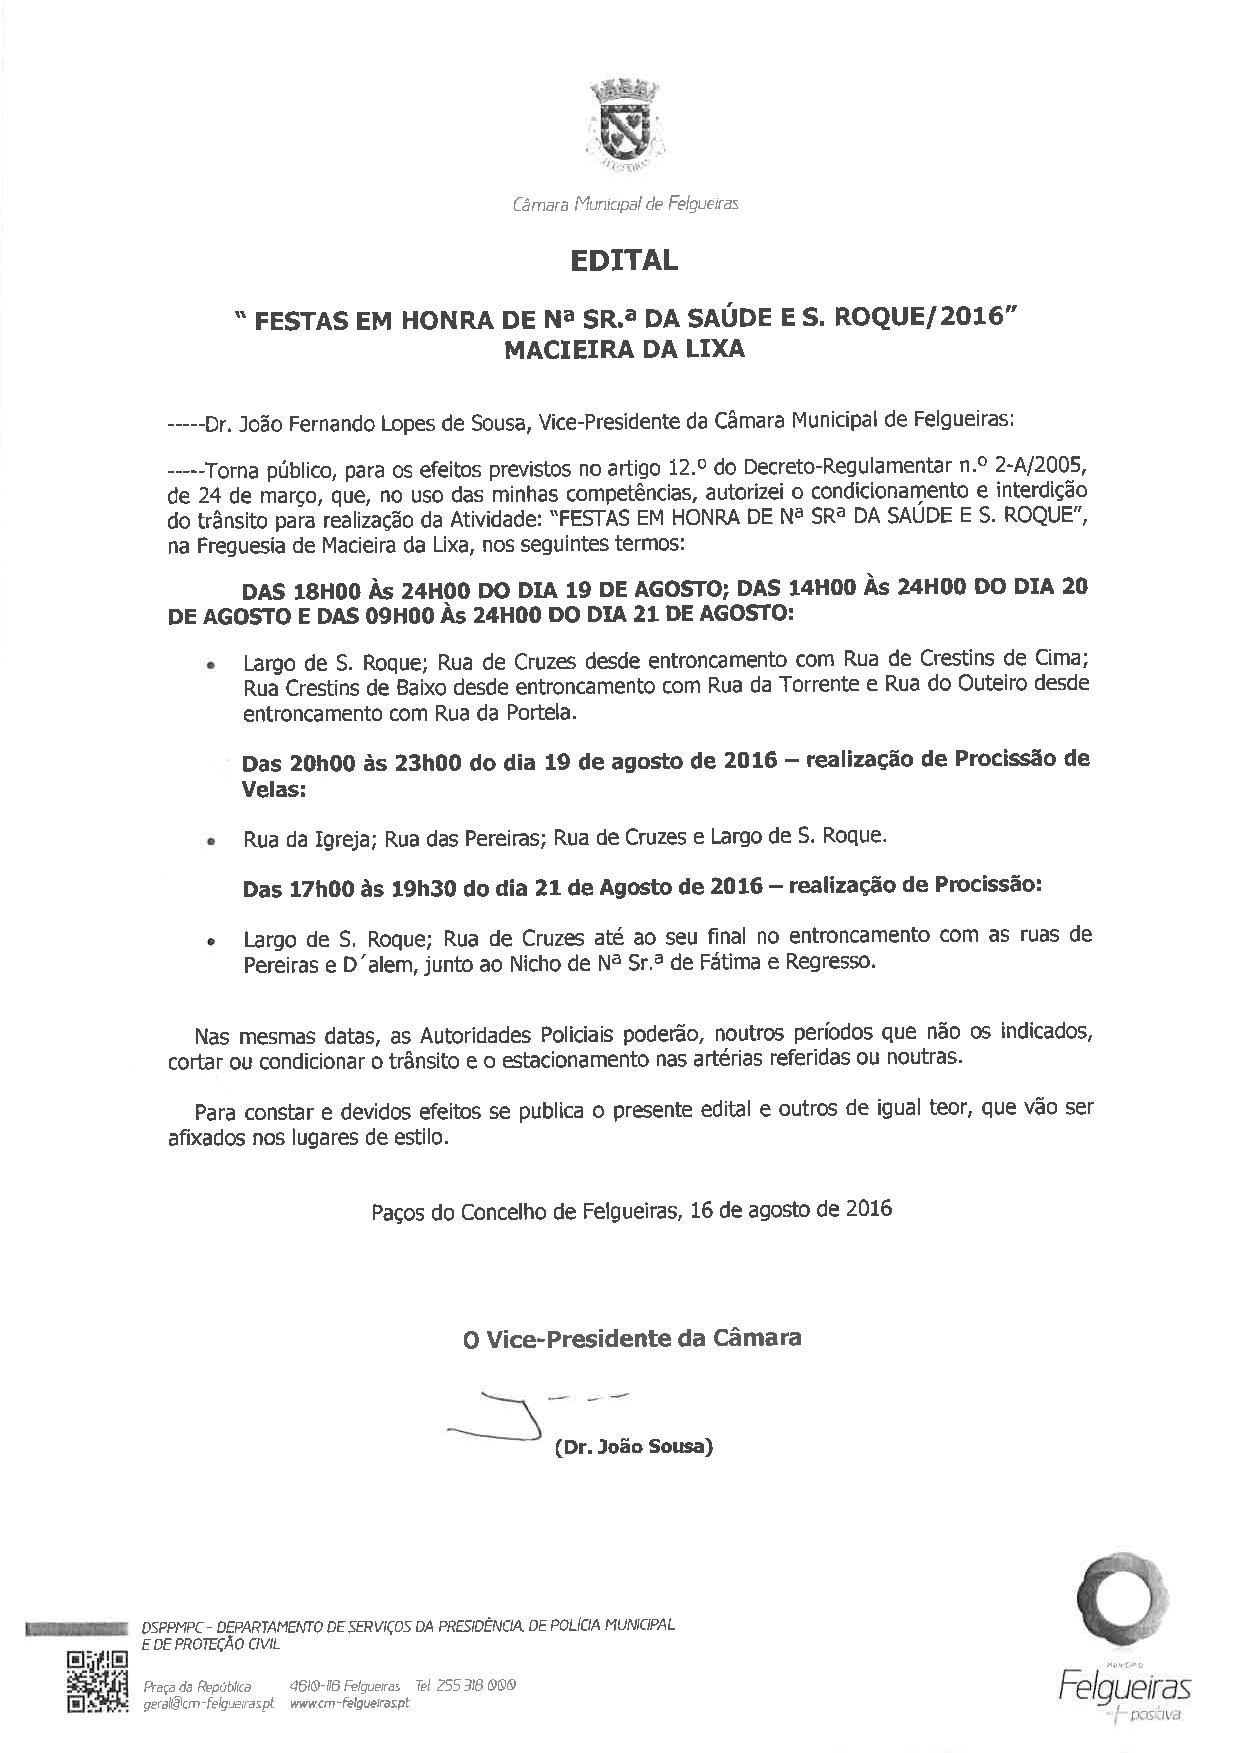 festas-em-macieira-da-lixa-condicionamento-de-transito-page-001 (1)